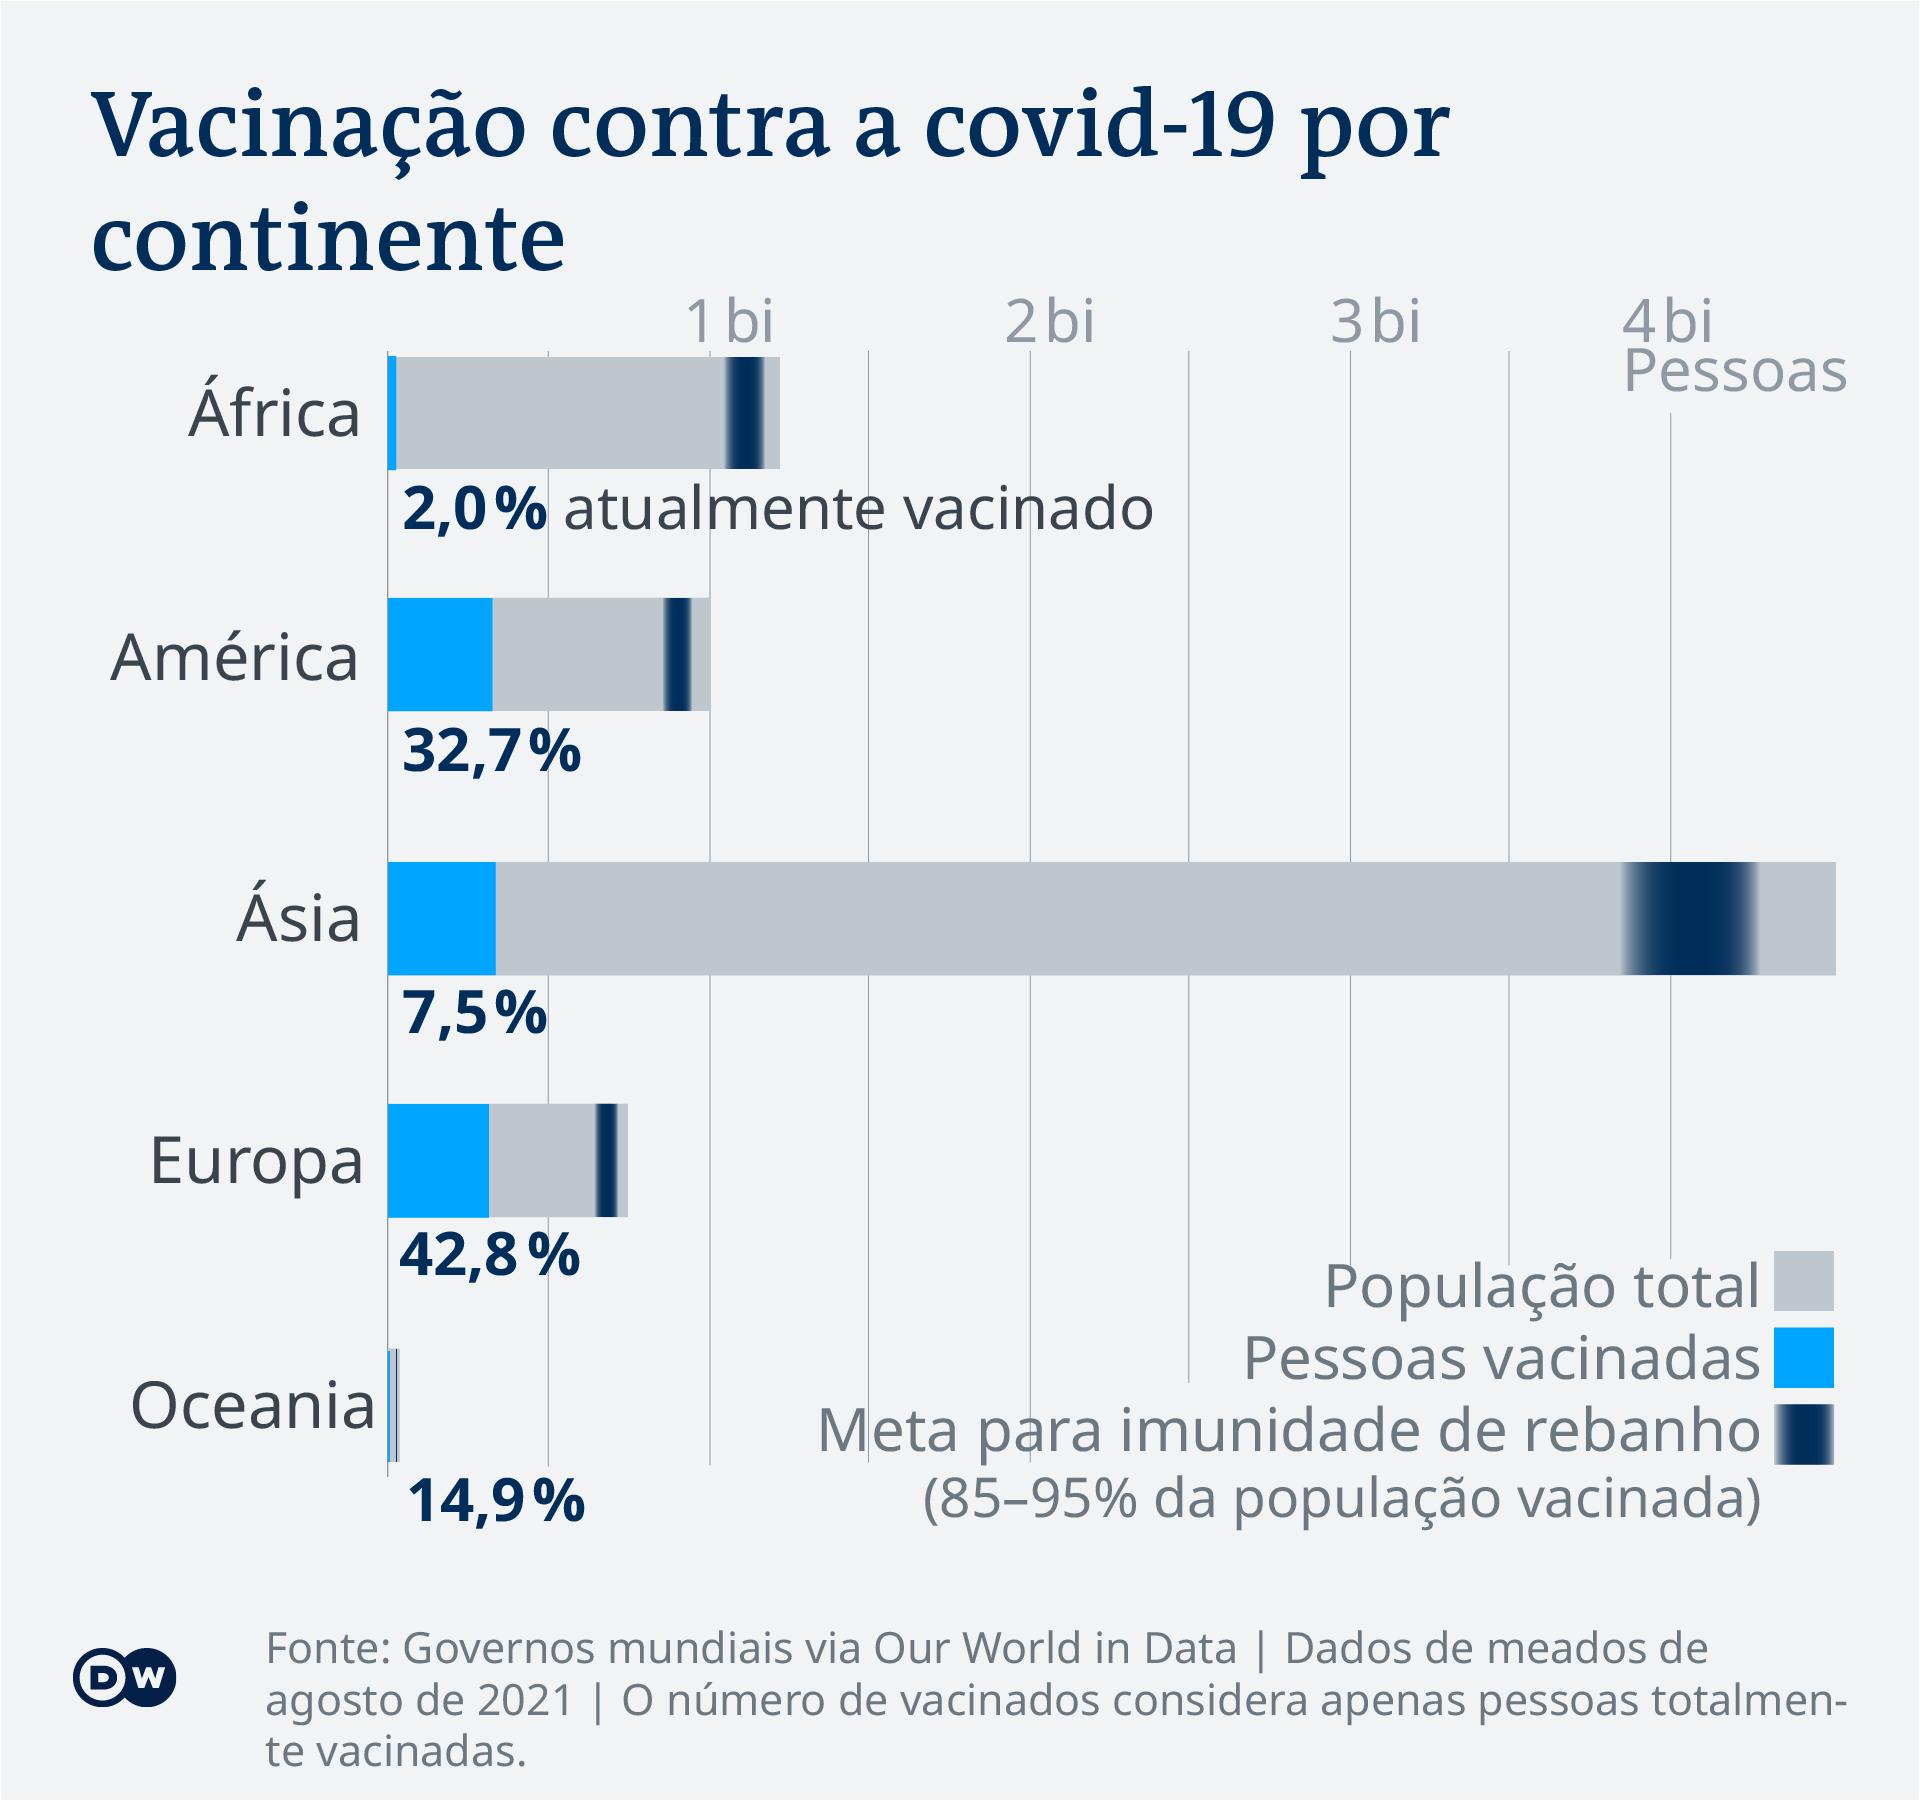 Data visualization - COVID-19 Vaccination progress by continent - Portuguese (Brazil)